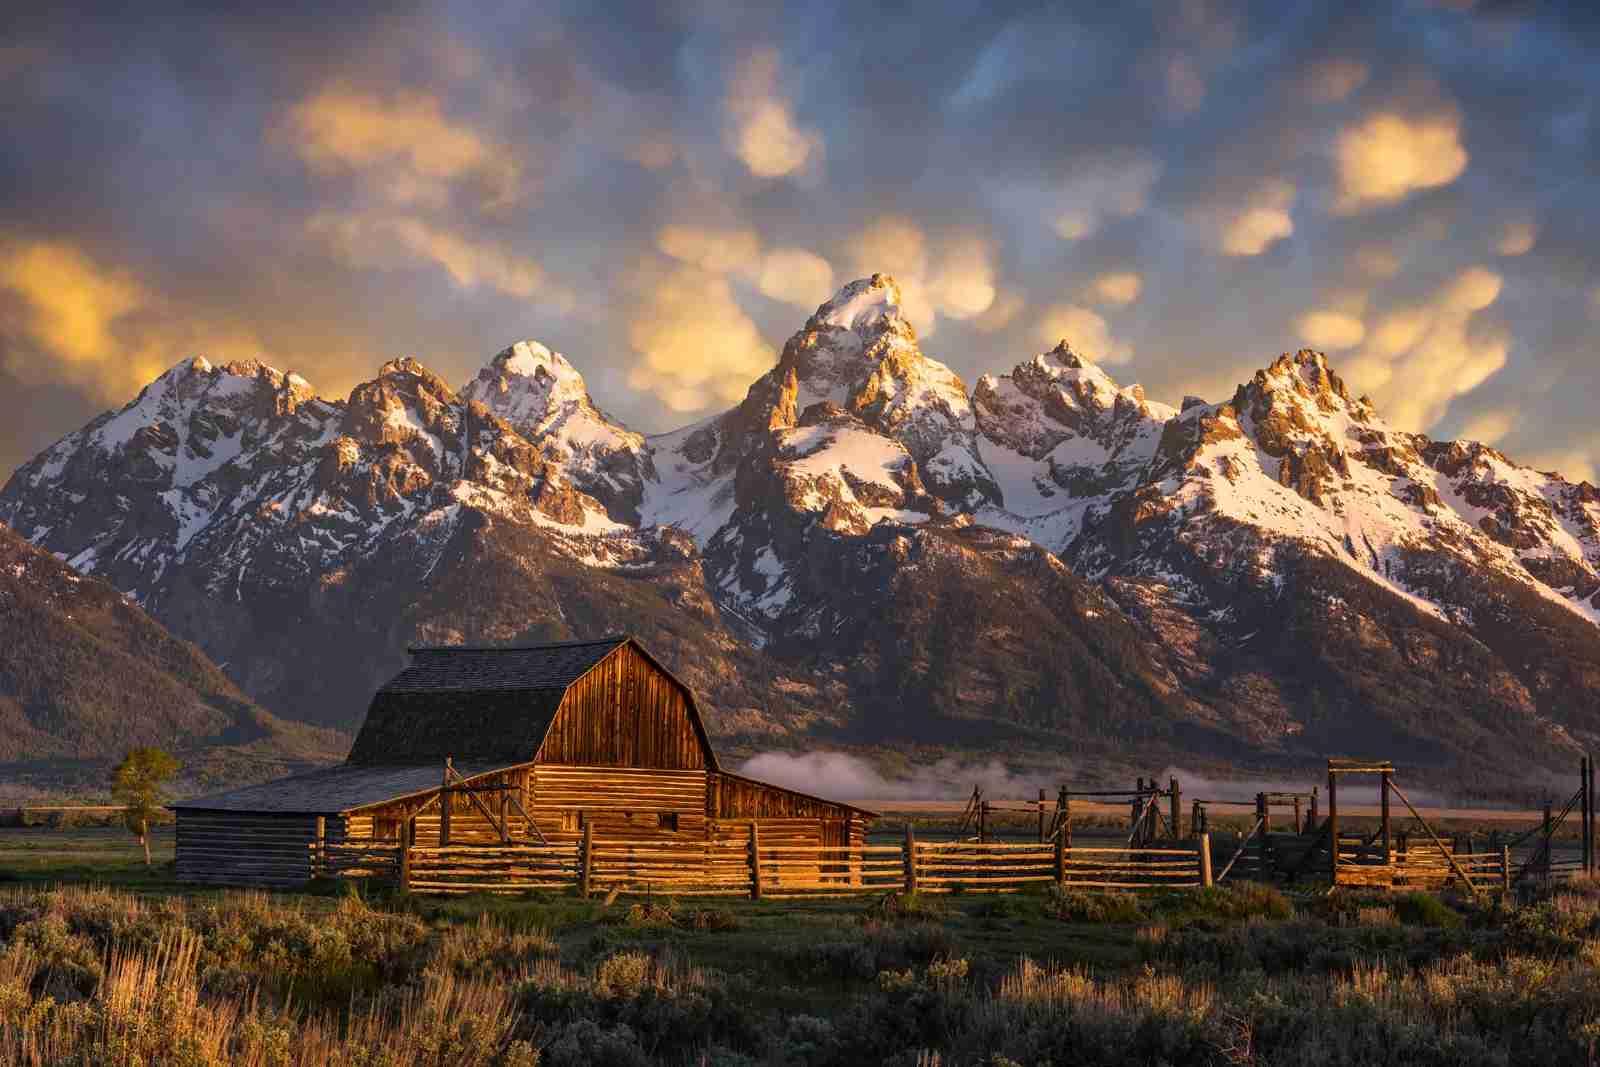 John Moulton Barn at Grand Tetons National Park. (Photo by frank1crayon/Adobe Stock)